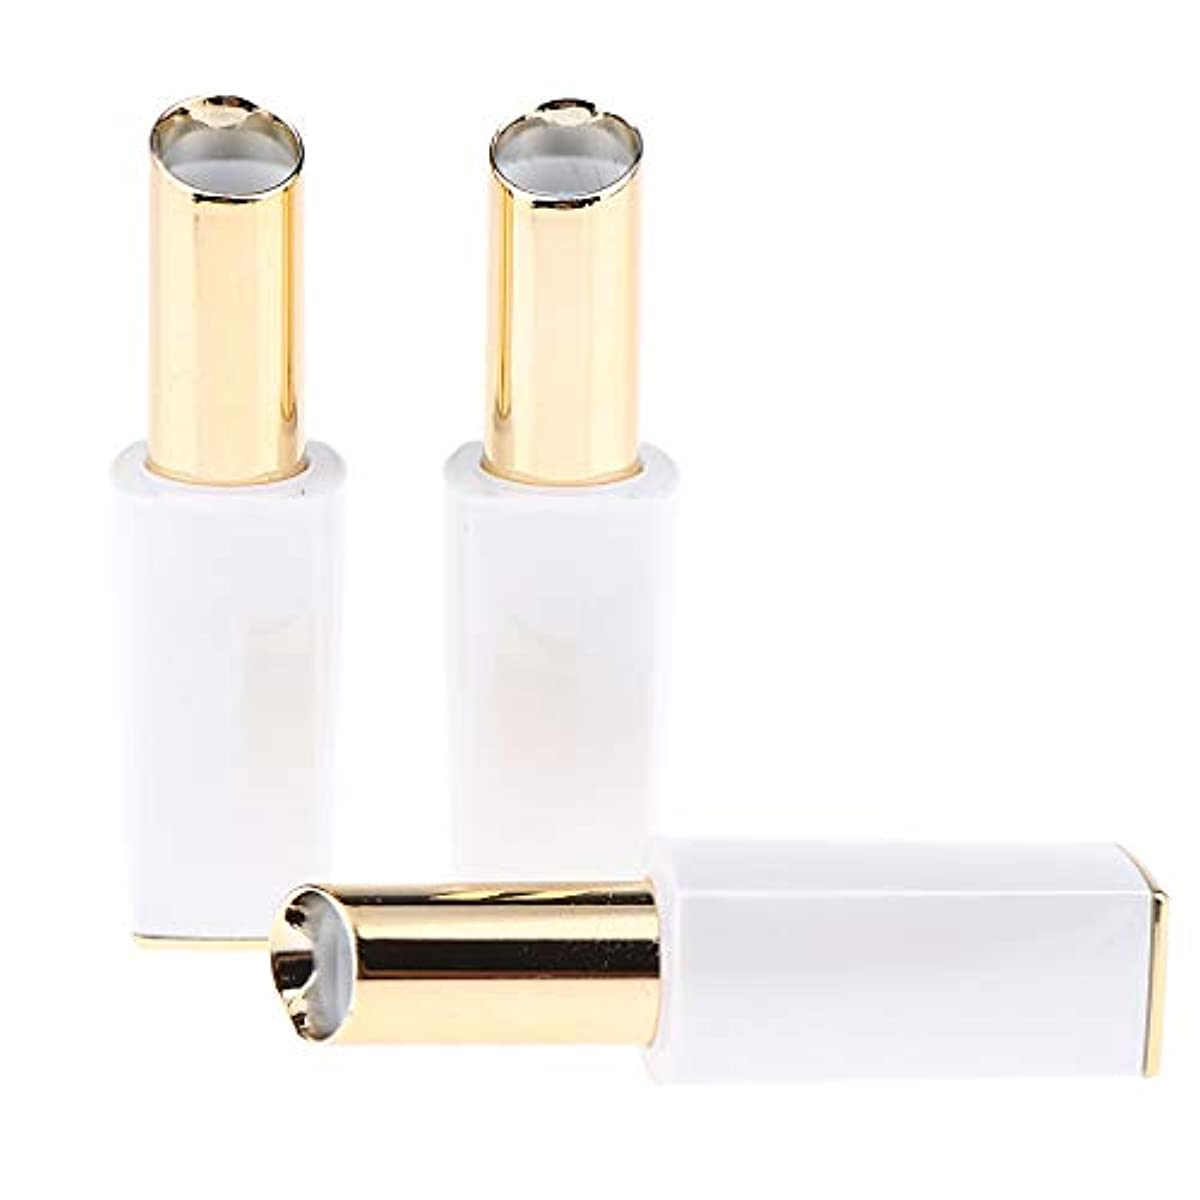 中にバッジ禁止リップスティック チューブ 口紅チューブ プラスチック メイクアップ 道具 3本入り 全3色 - 白